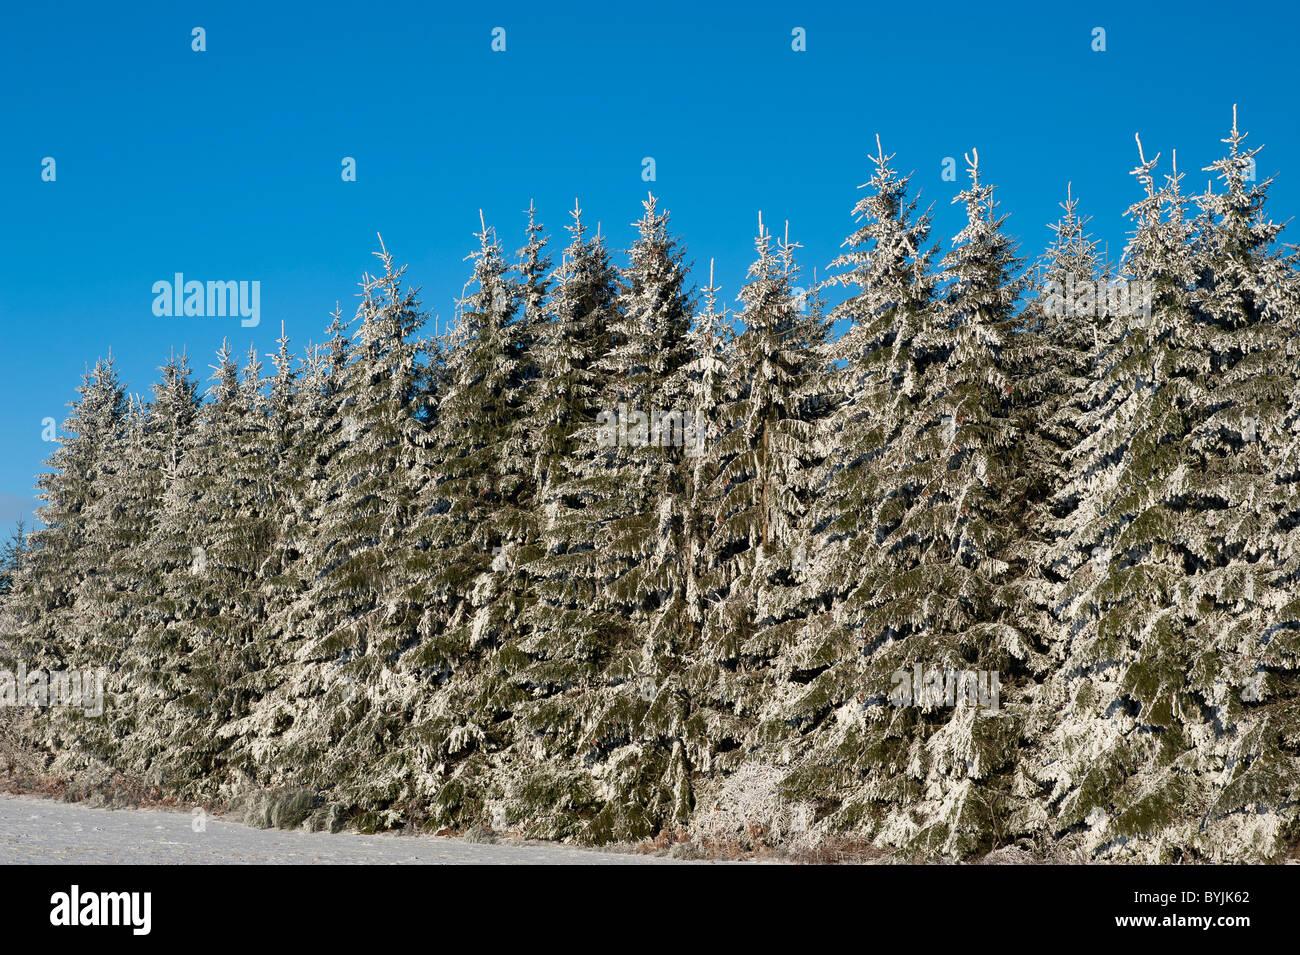 Snow on  fir trees, Puy-de-Dôme, Auvergne, France - Stock Image